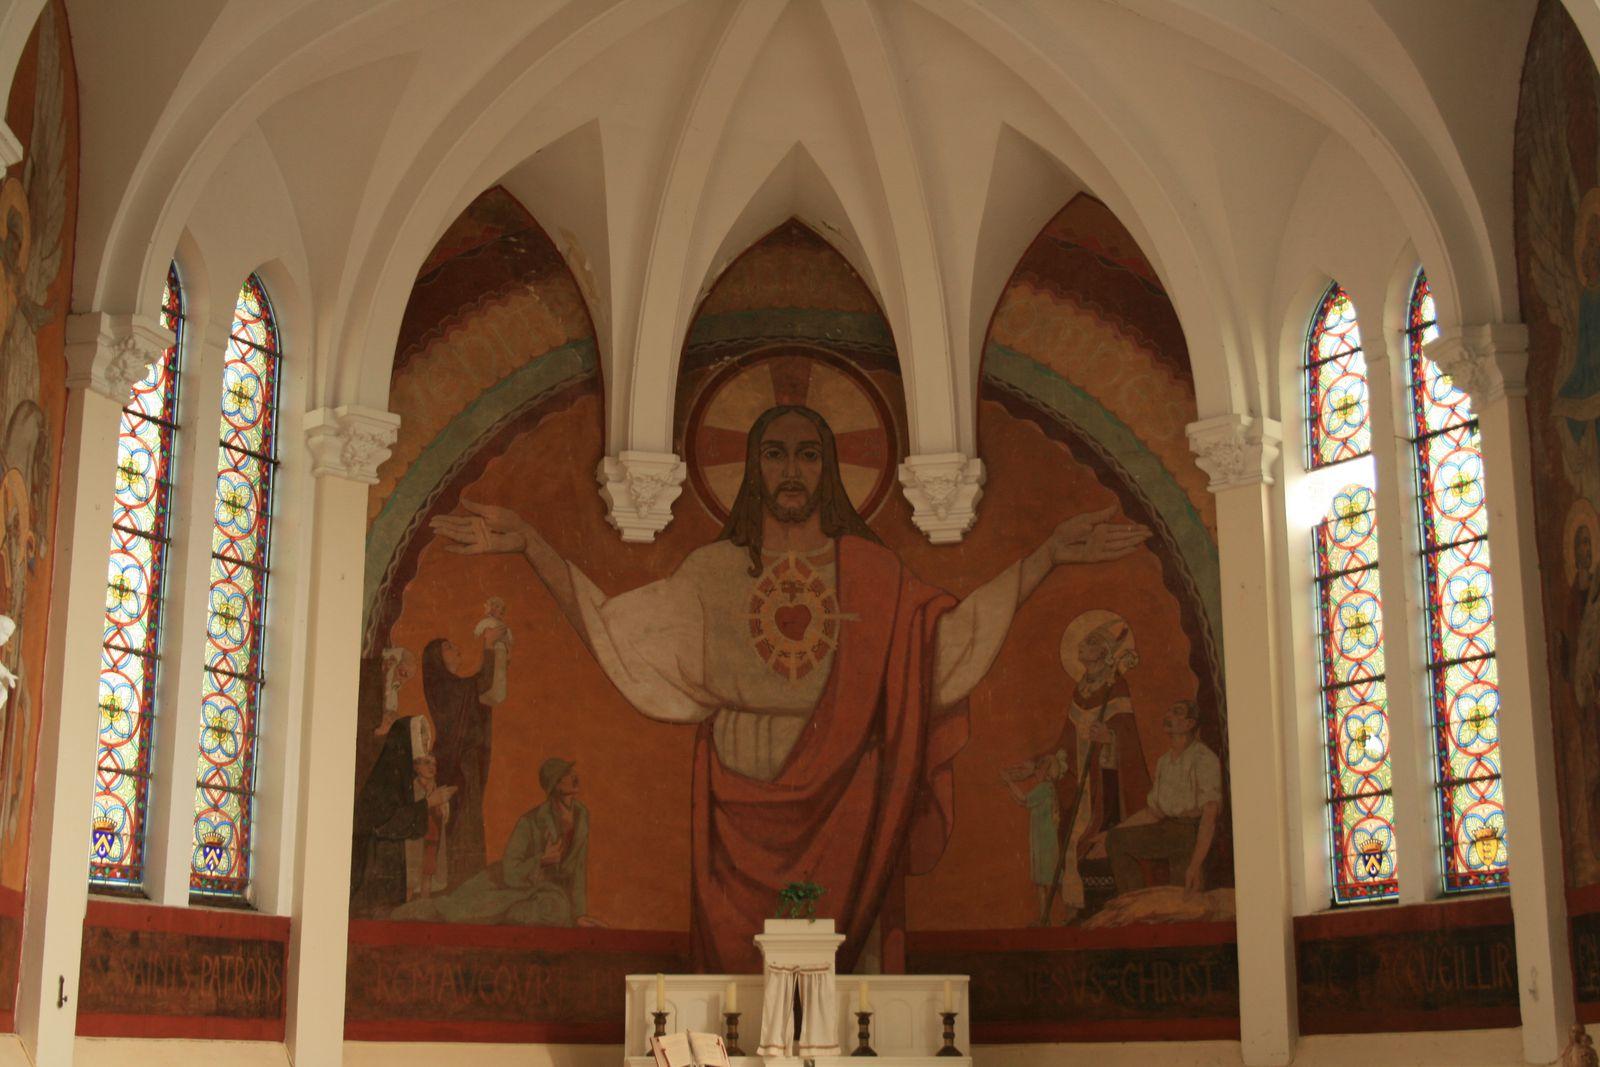 Un trésor méconnu sur les murs de notre église